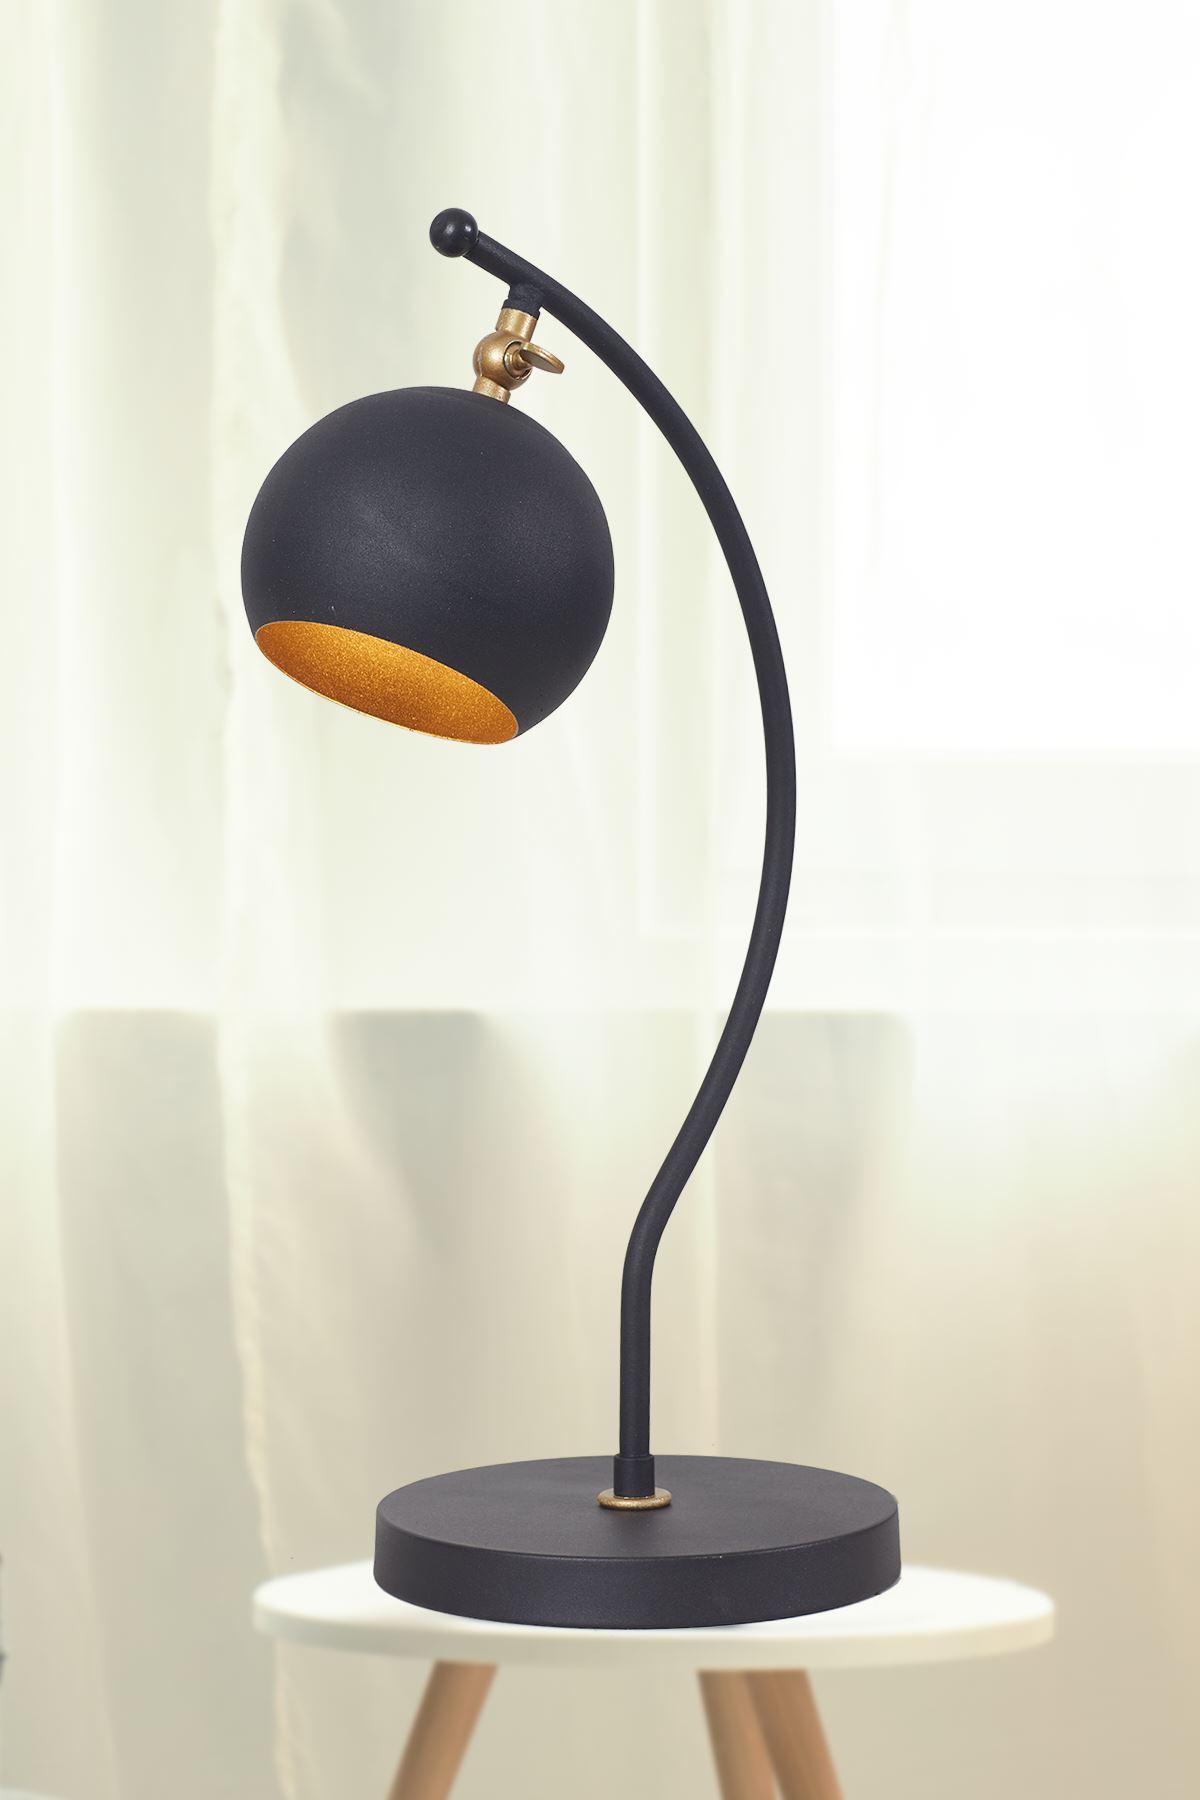 Moon Sarı-Siyah Metal Gövde Tasarım Lüx Masa Lambası